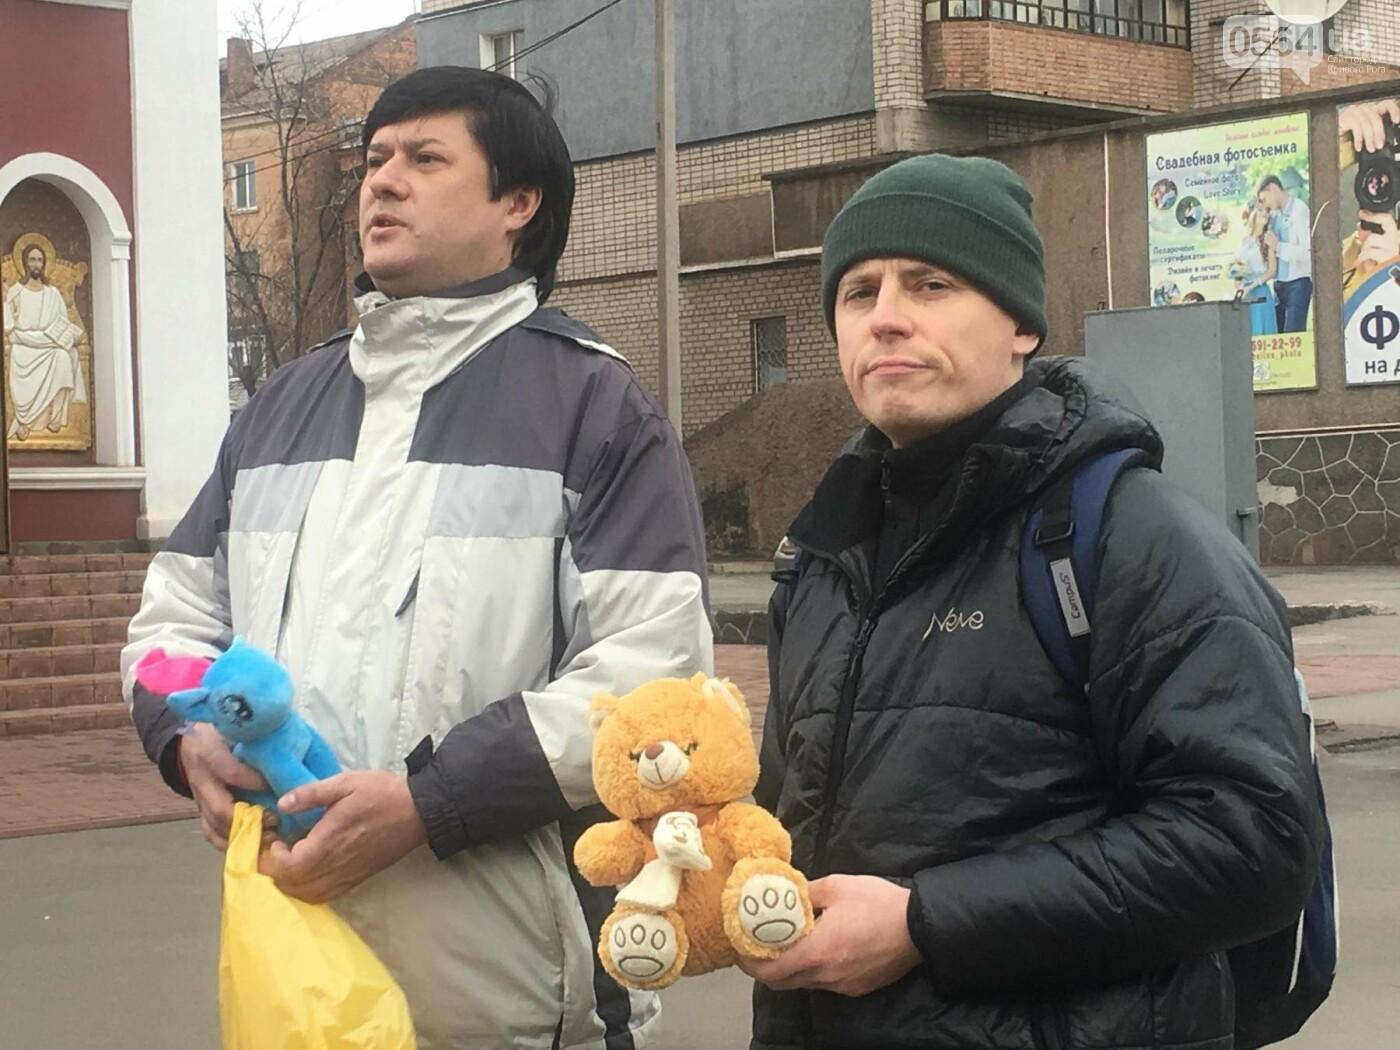 Криворожане, протестуя против политики УПЦ Московского патриархата,  принесли игрушки к храму (ФОТО, ВИДЕО), фото-11